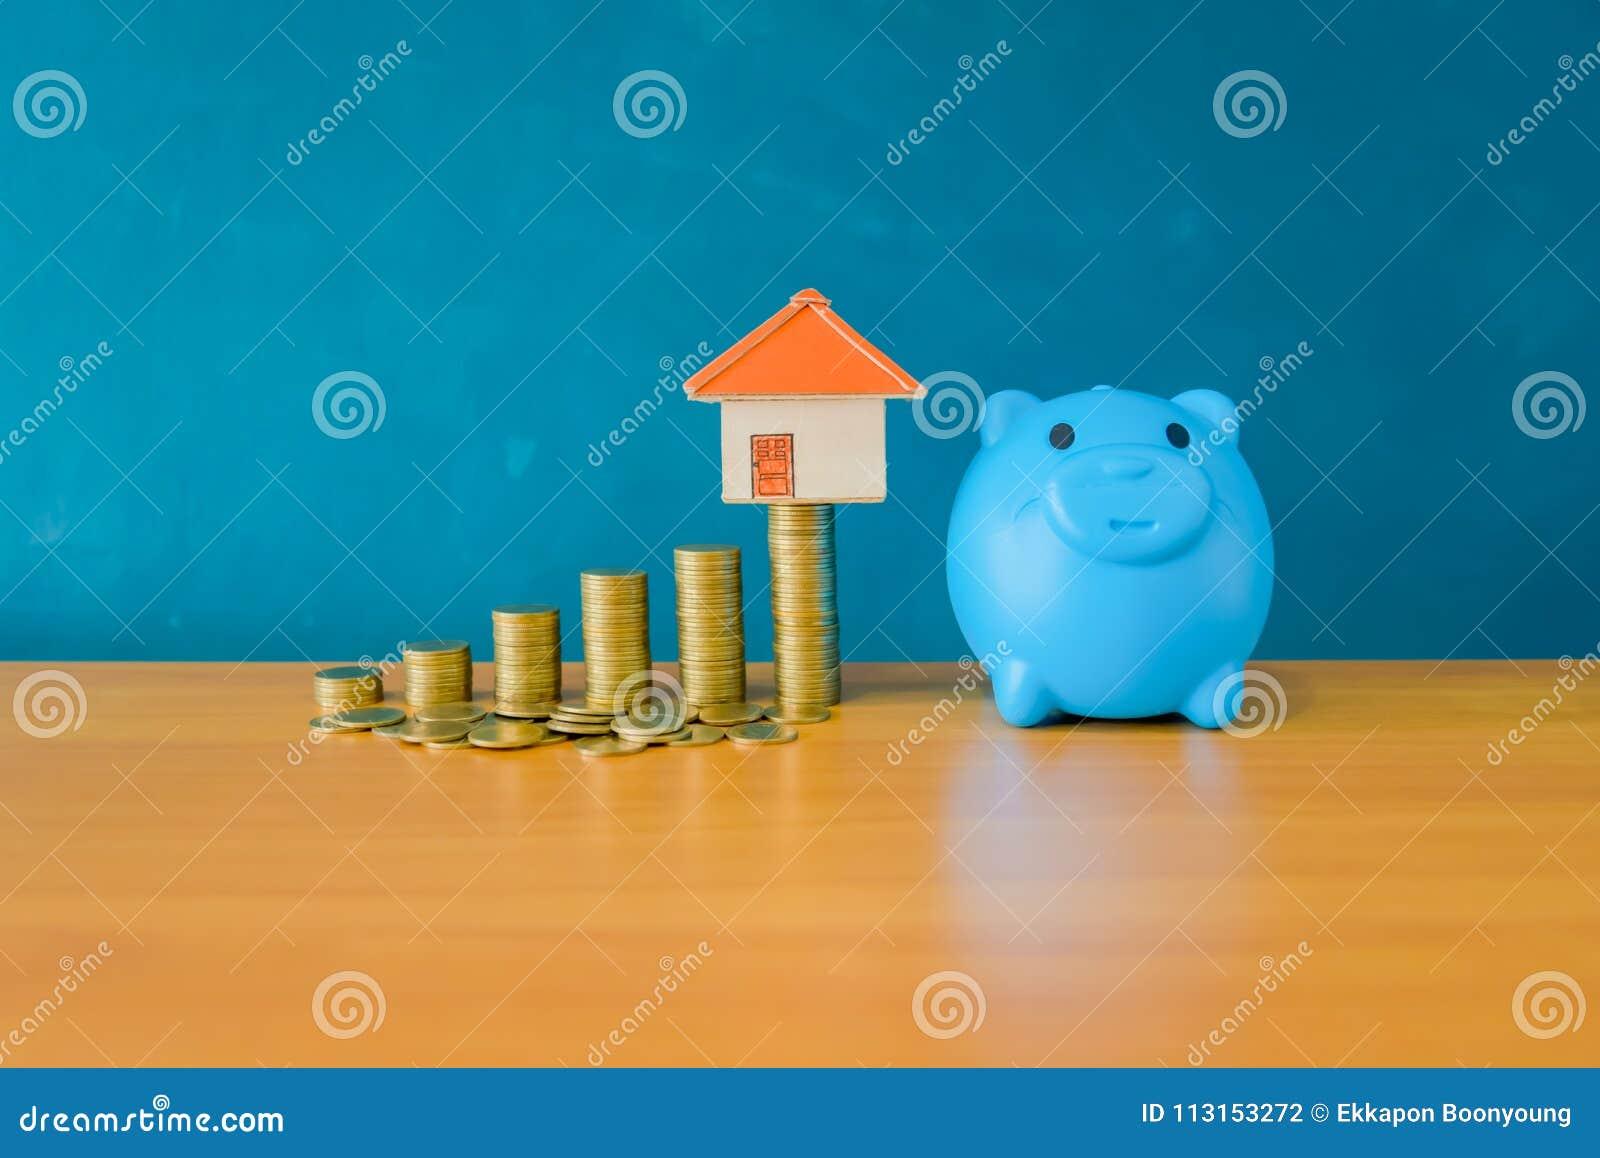 Conceito do dinheiro da economia para uma casa Finança do negócio e dinheiro c